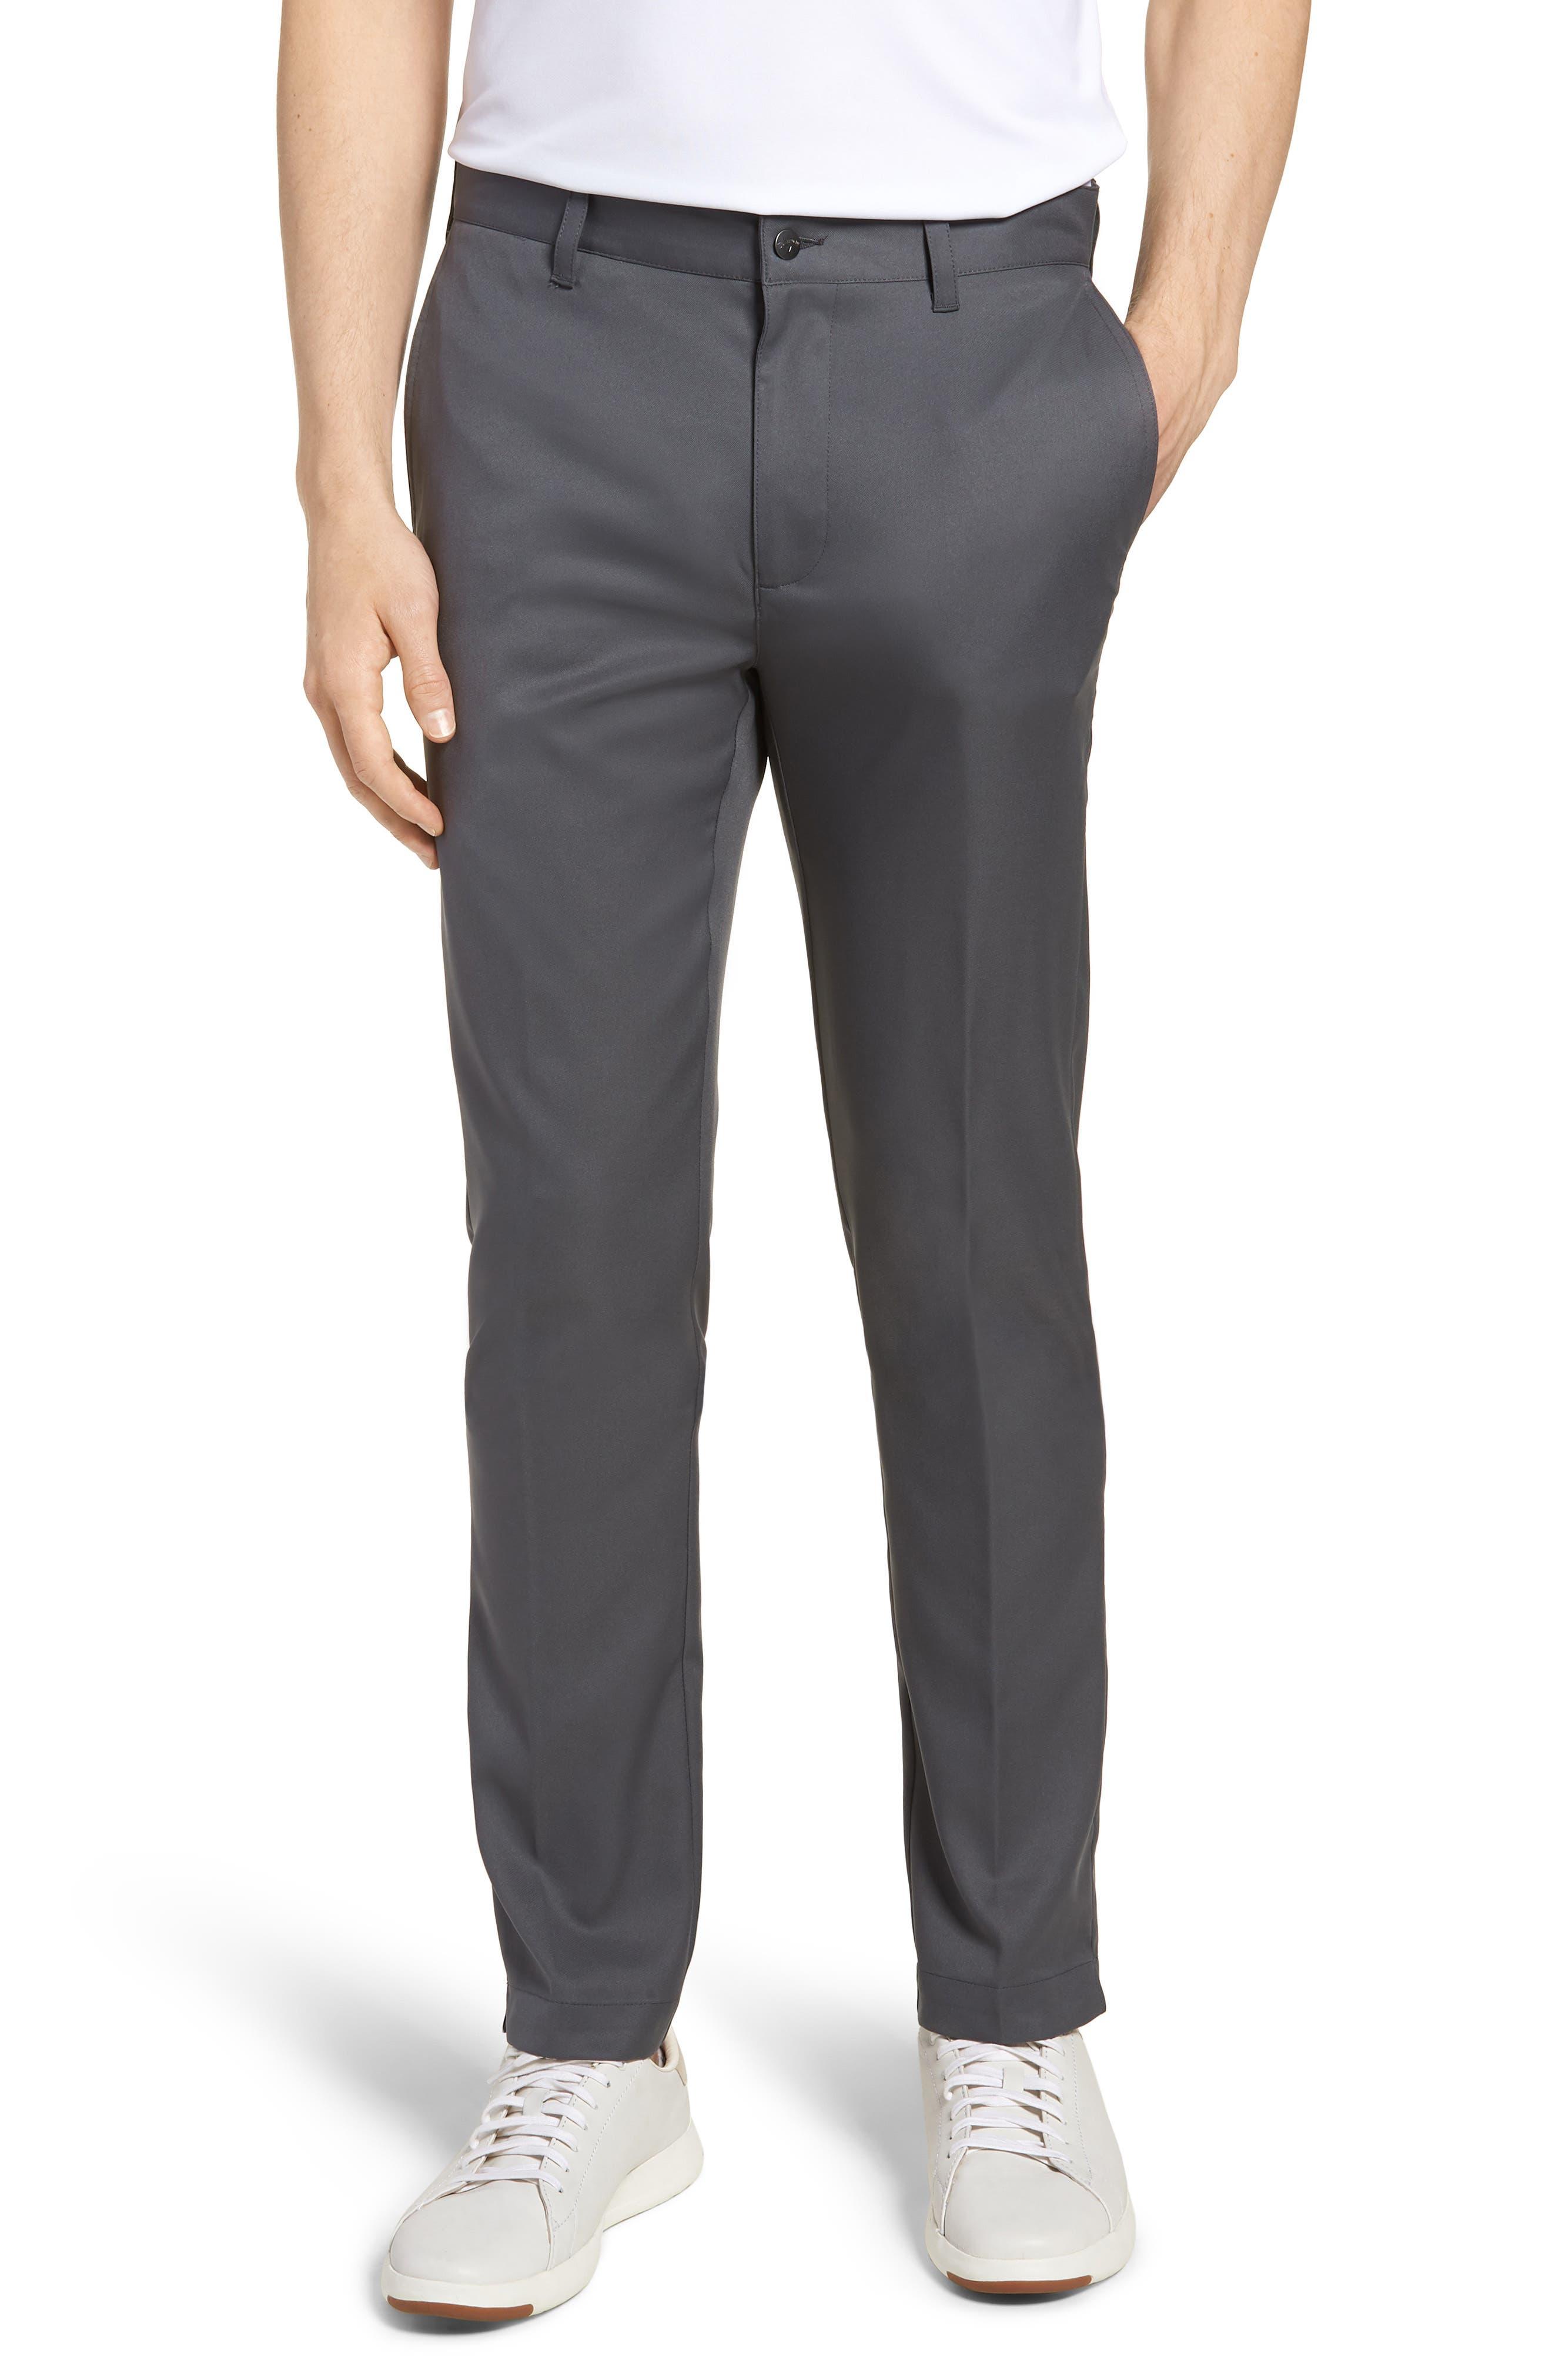 Alternate Image 1 Selected - Callaway X Tech Slim Fit Pants